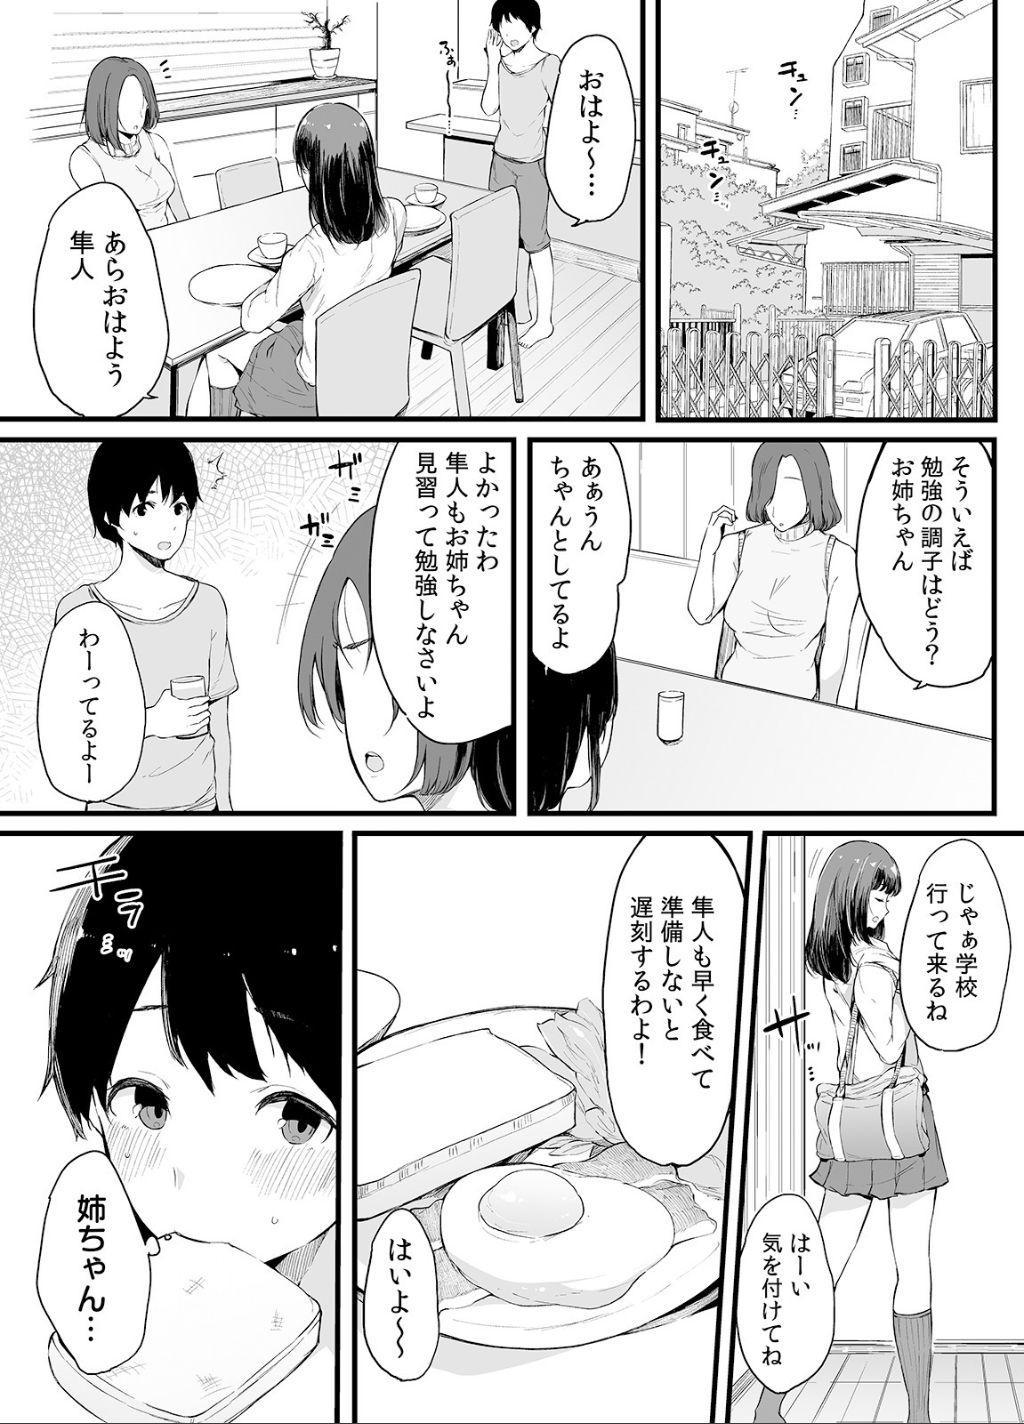 Otouto ni Ero Manga to Onaji Koto o Sare Chau o Nee-chan no Hanashi 2 36